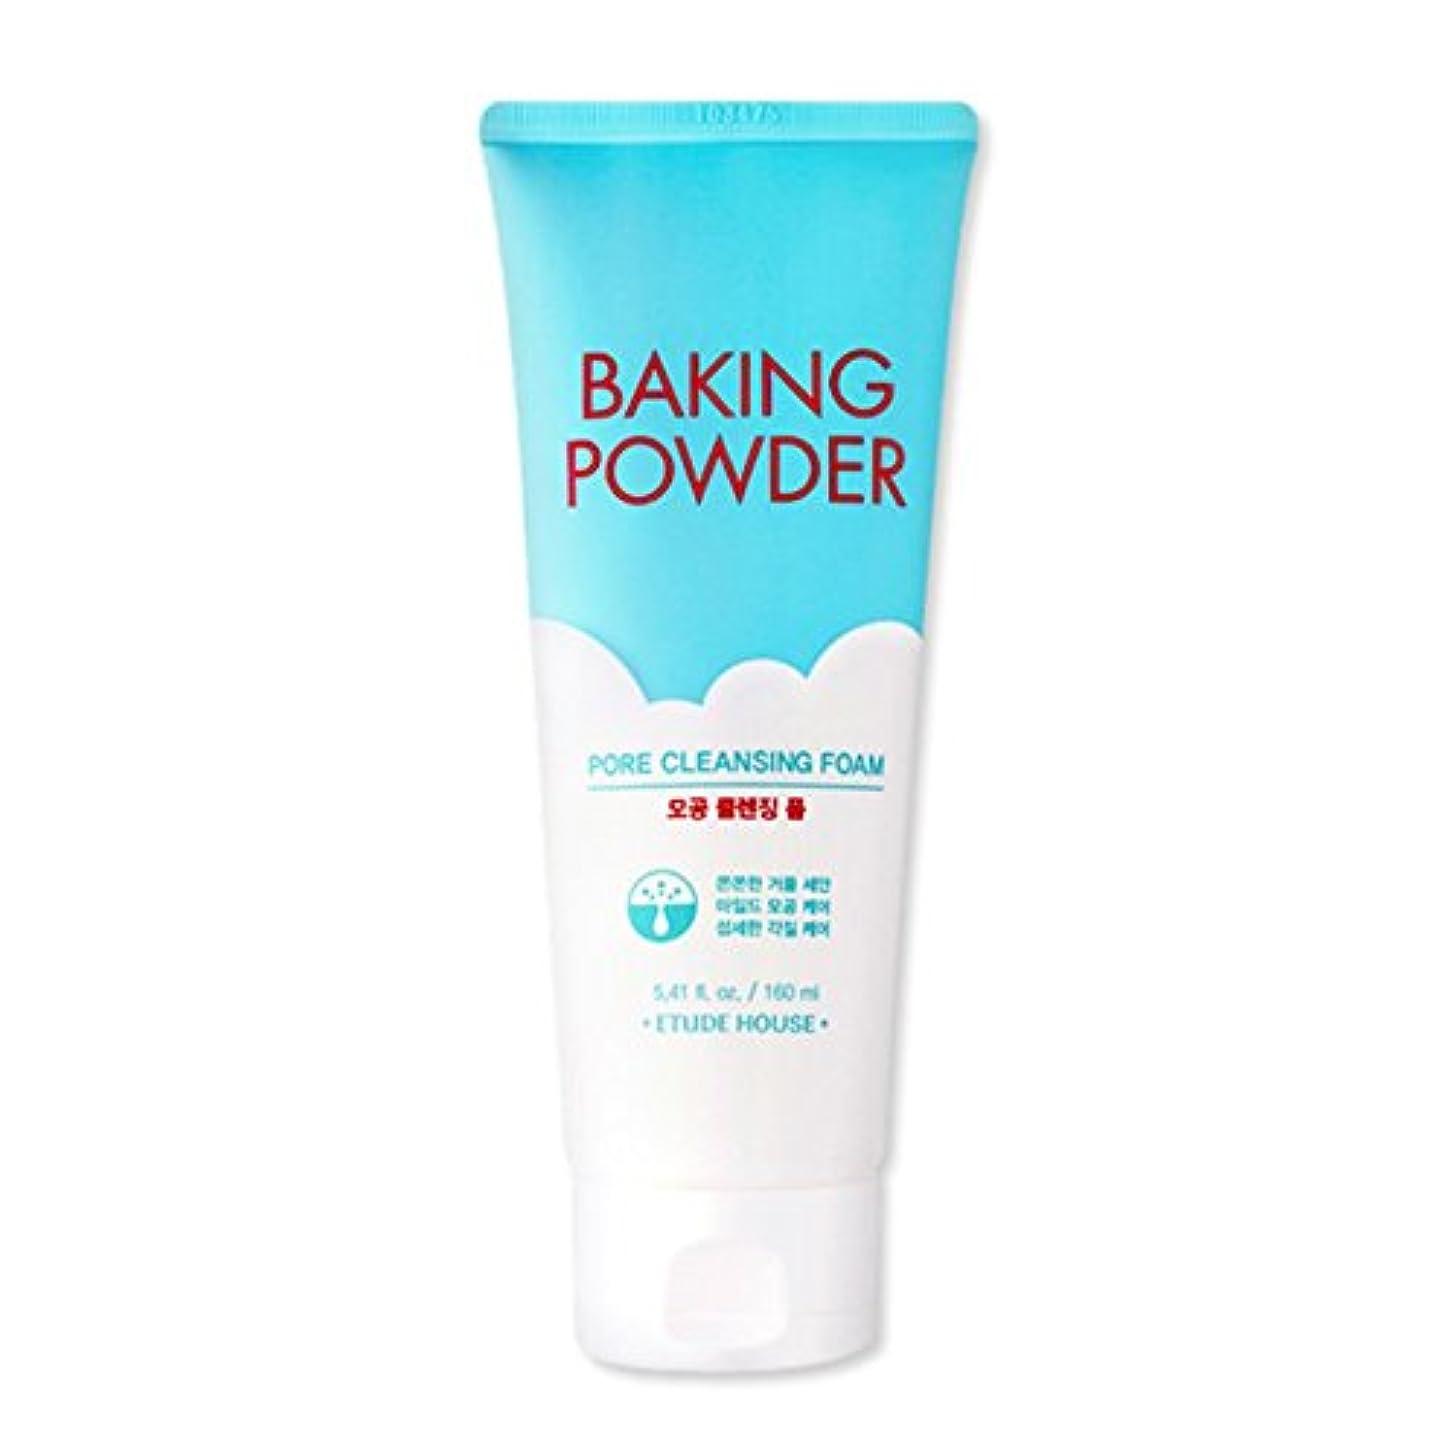 役立つスリルログ[2016 Upgrade!] ETUDE HOUSE Baking Powder Pore Cleansing Foam 160ml/エチュードハウス ベーキング パウダー ポア クレンジング フォーム 160ml [...